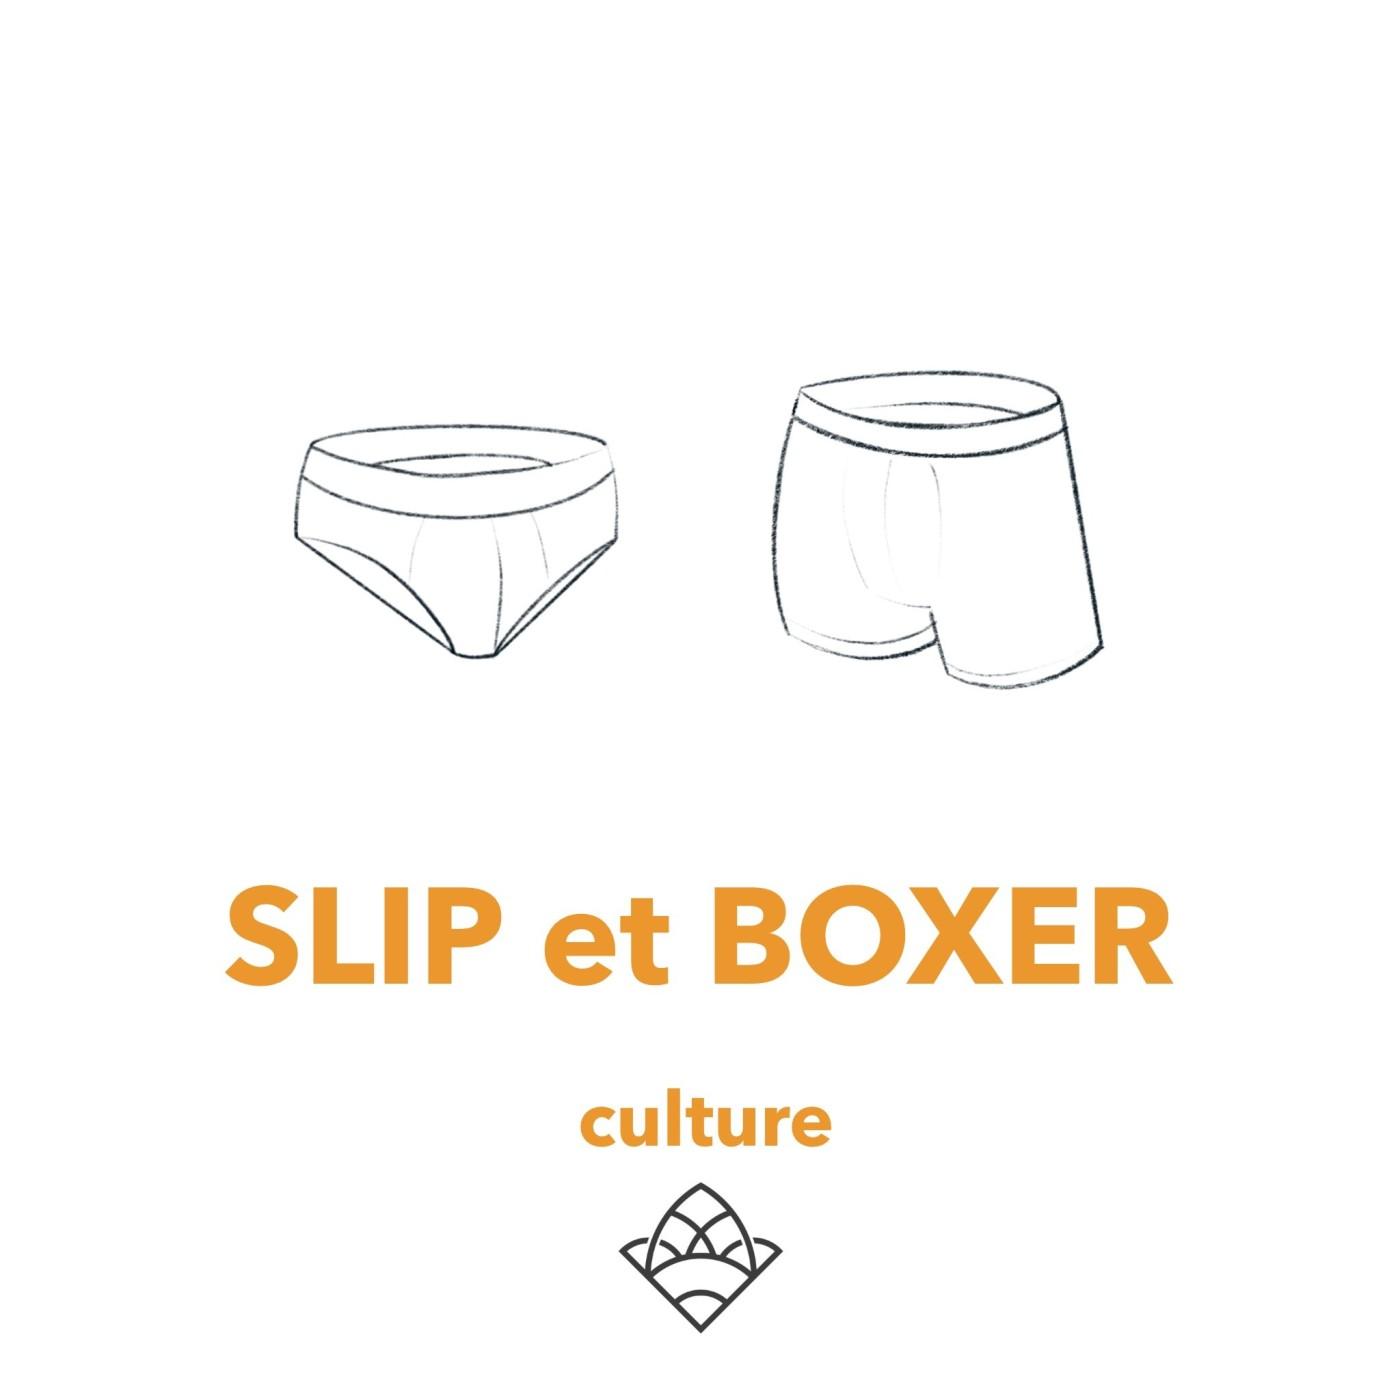 (culture 23) Le slip et le boxer